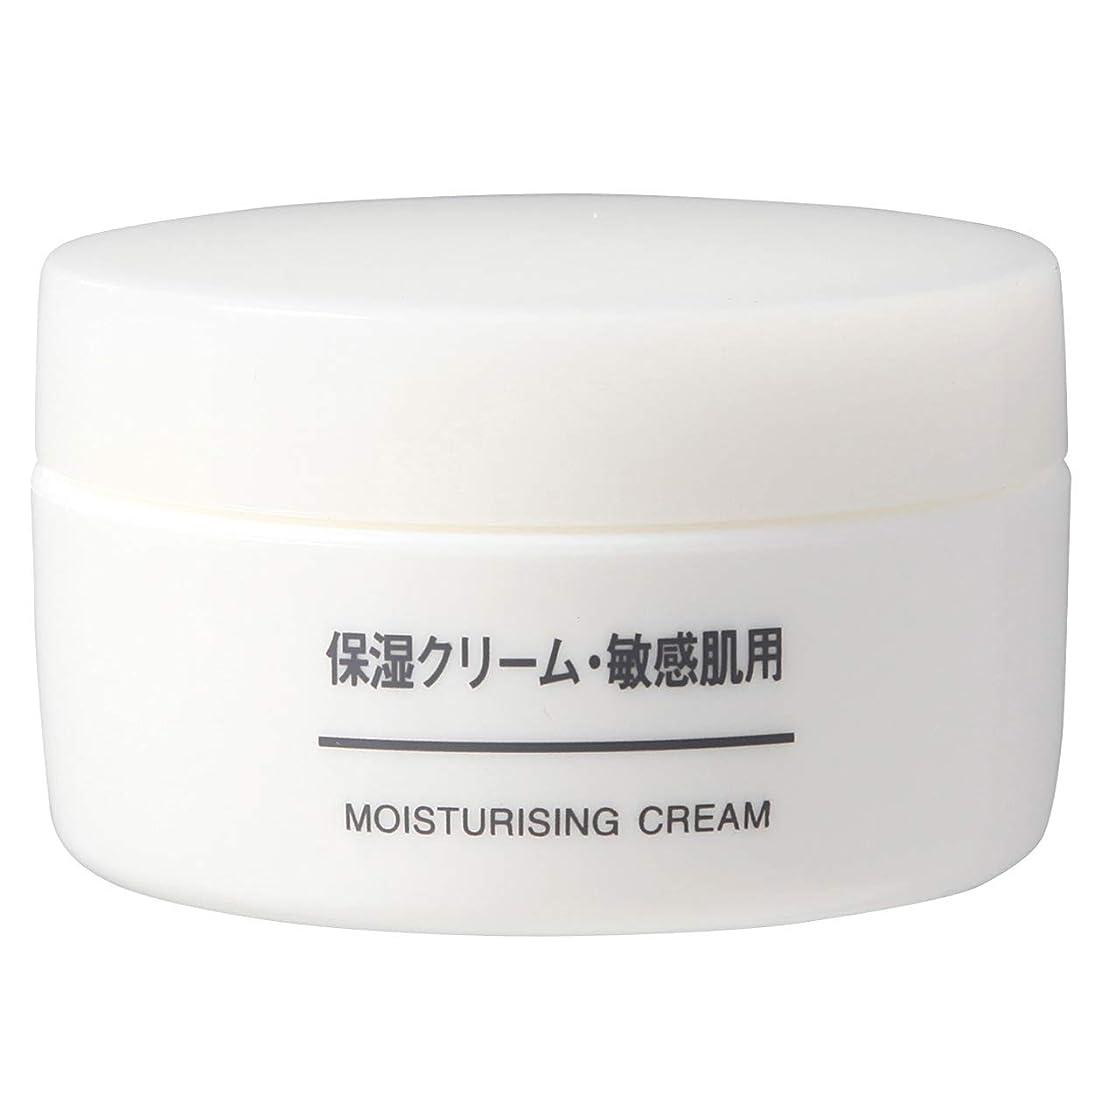 栄養まつげポータル無印良品 保湿クリーム 敏感肌用 50g